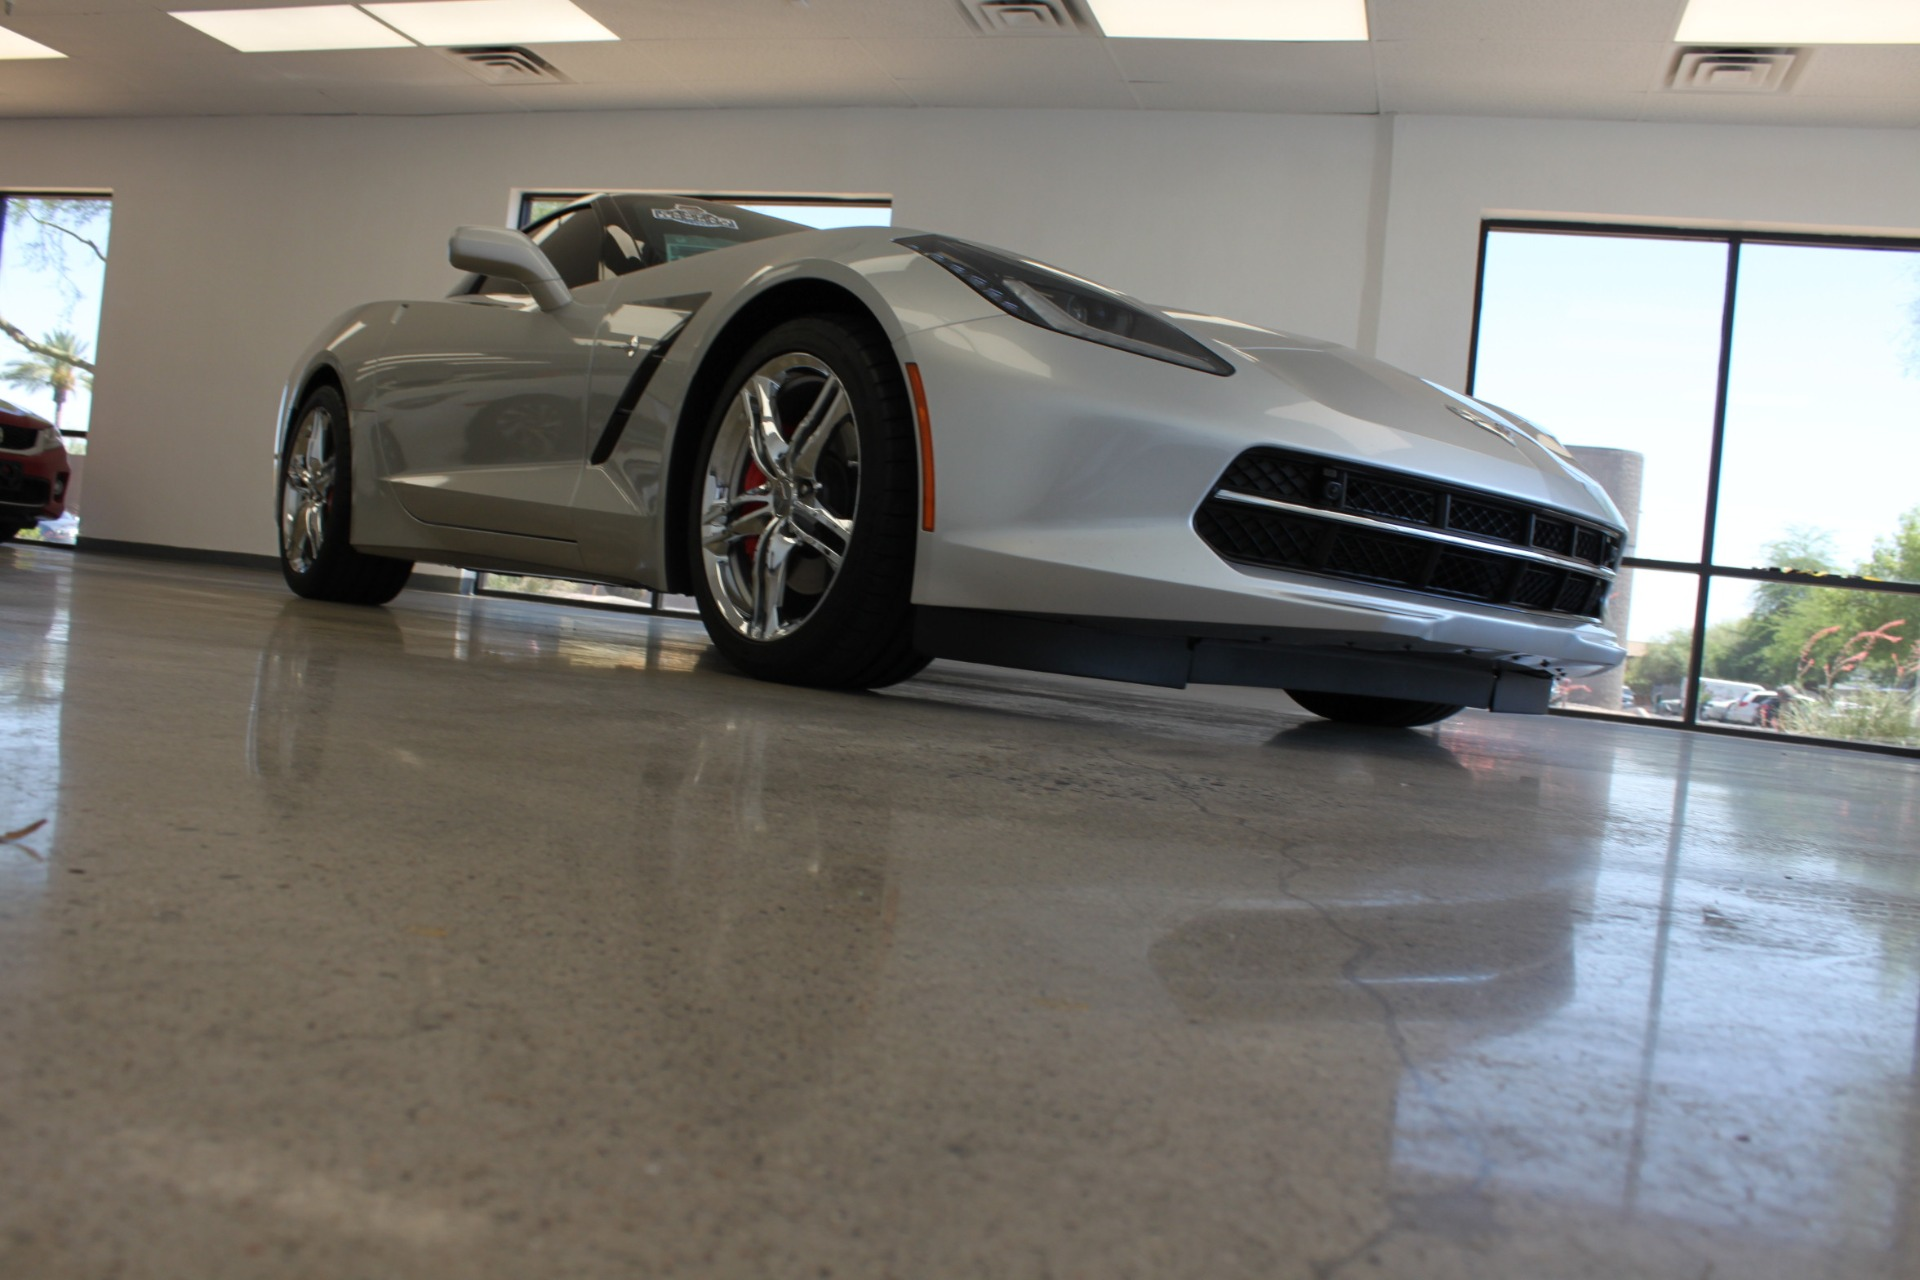 Used-2016-Chevrolet-Corvette-2LT-Toyota